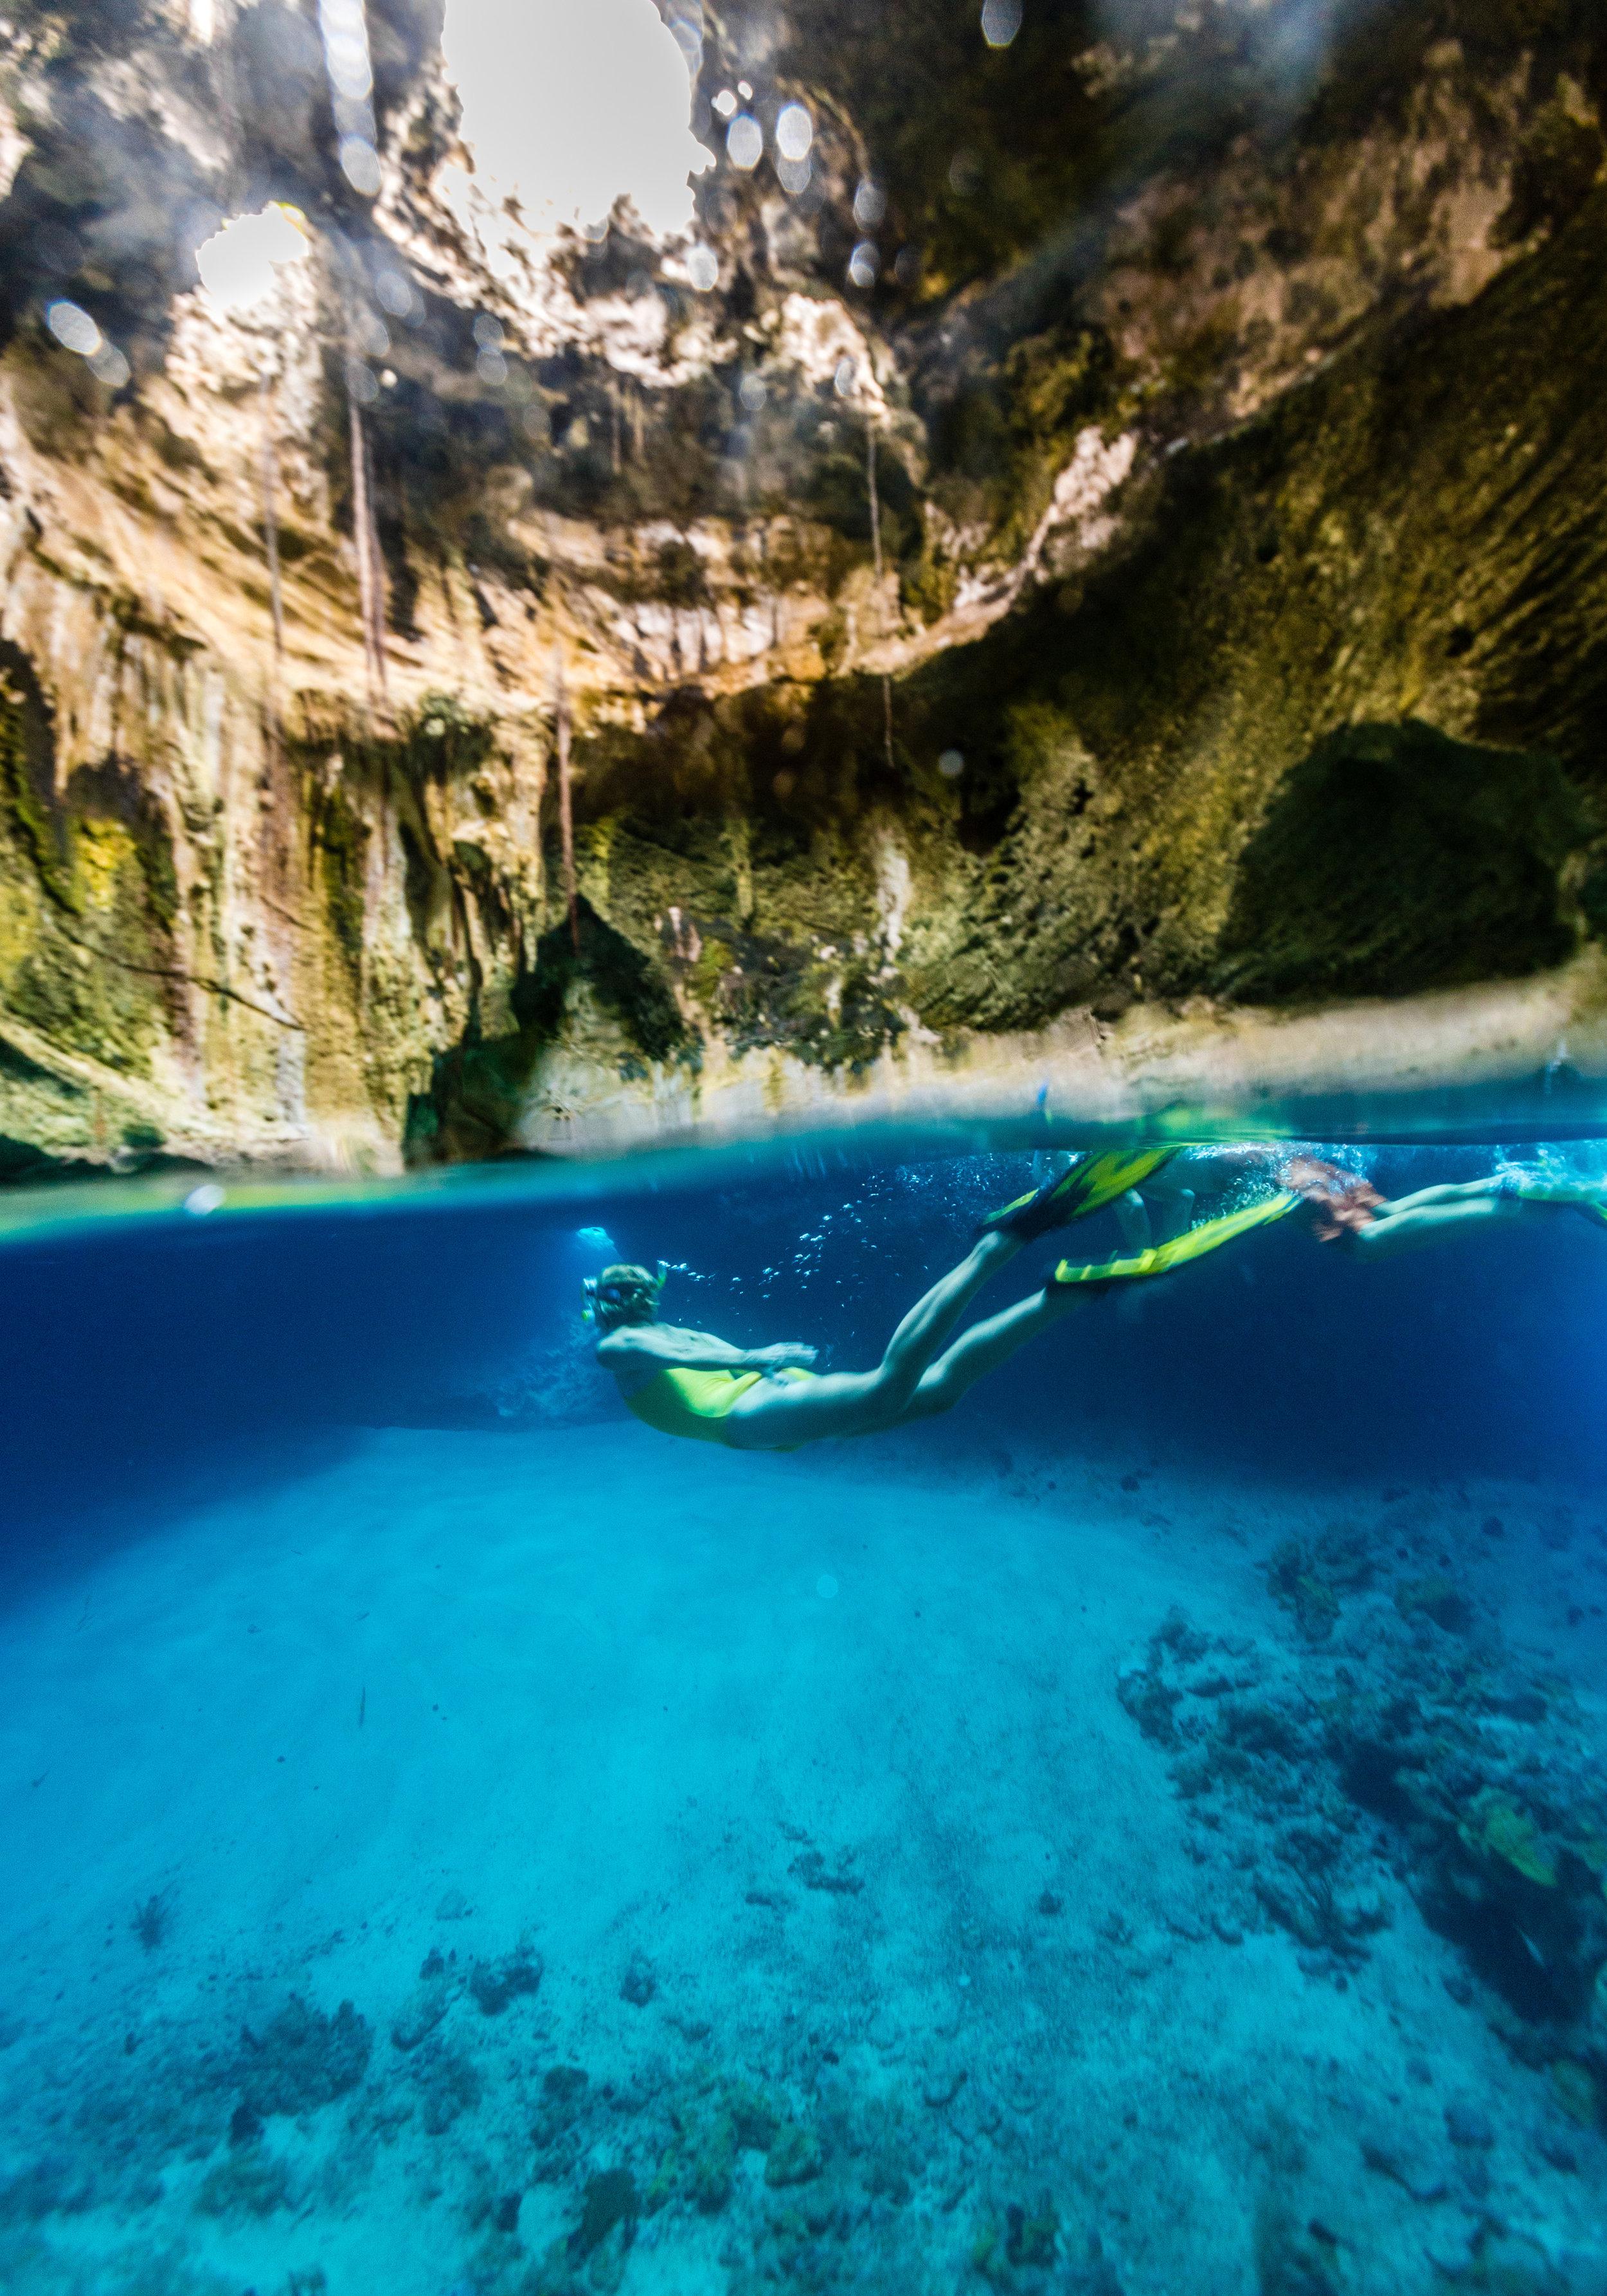 Thunderball Grotto in the Exumas, Bahamas is stunningly beautiful